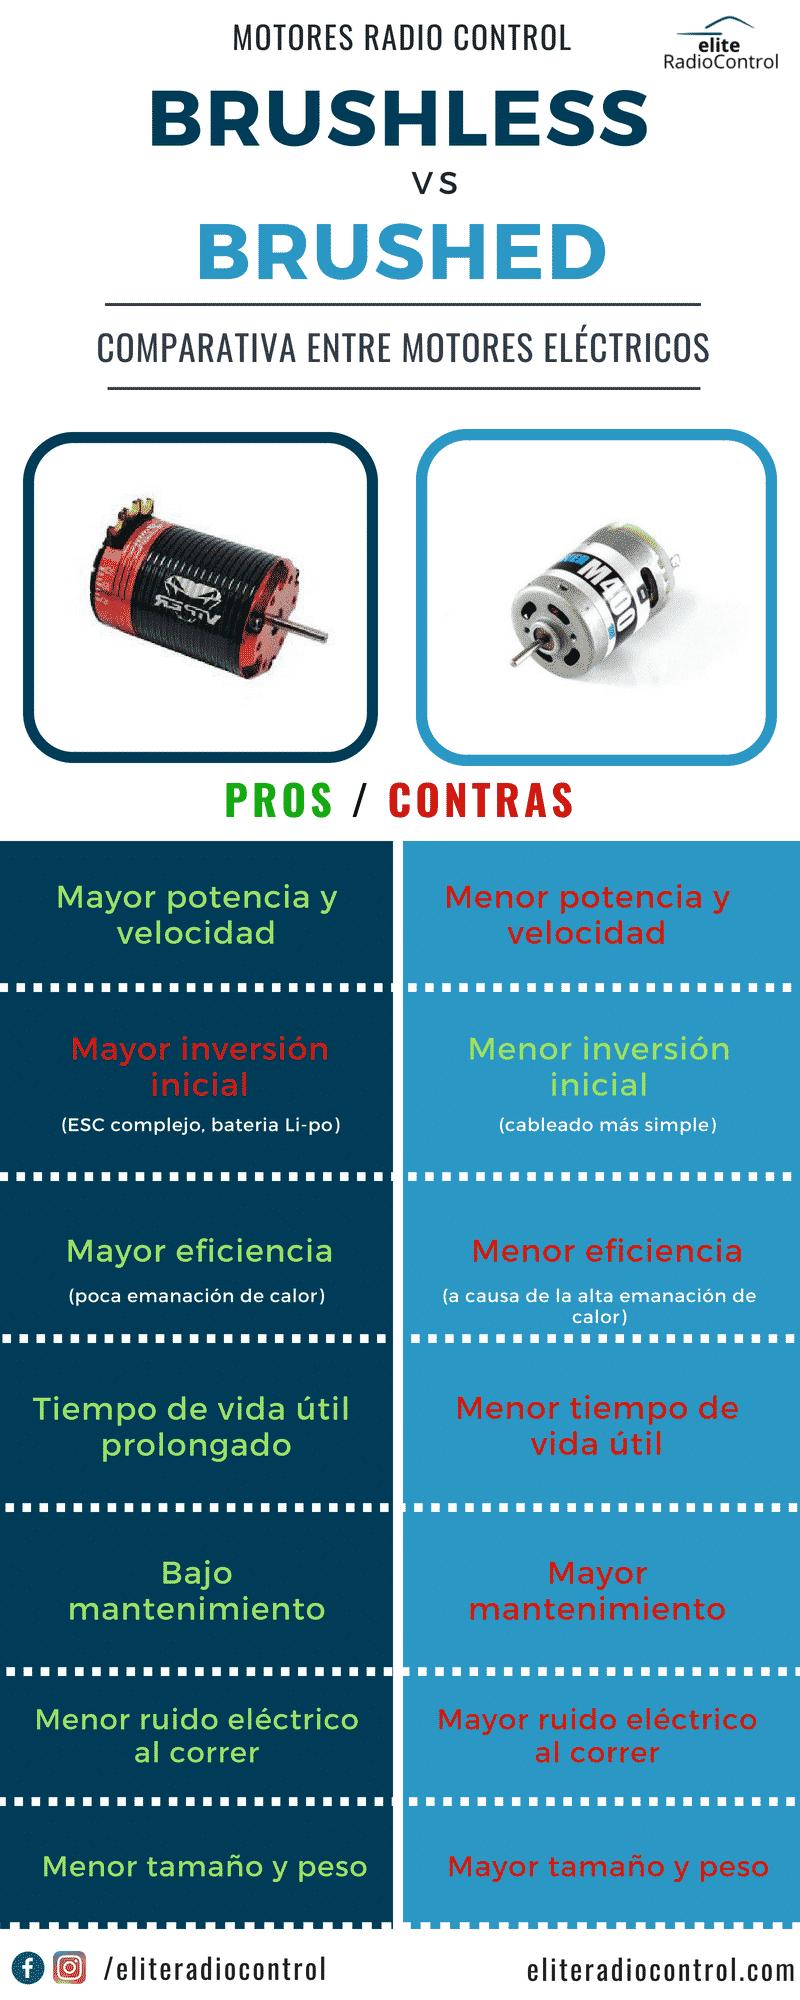 comparativa entre motores eléctricos